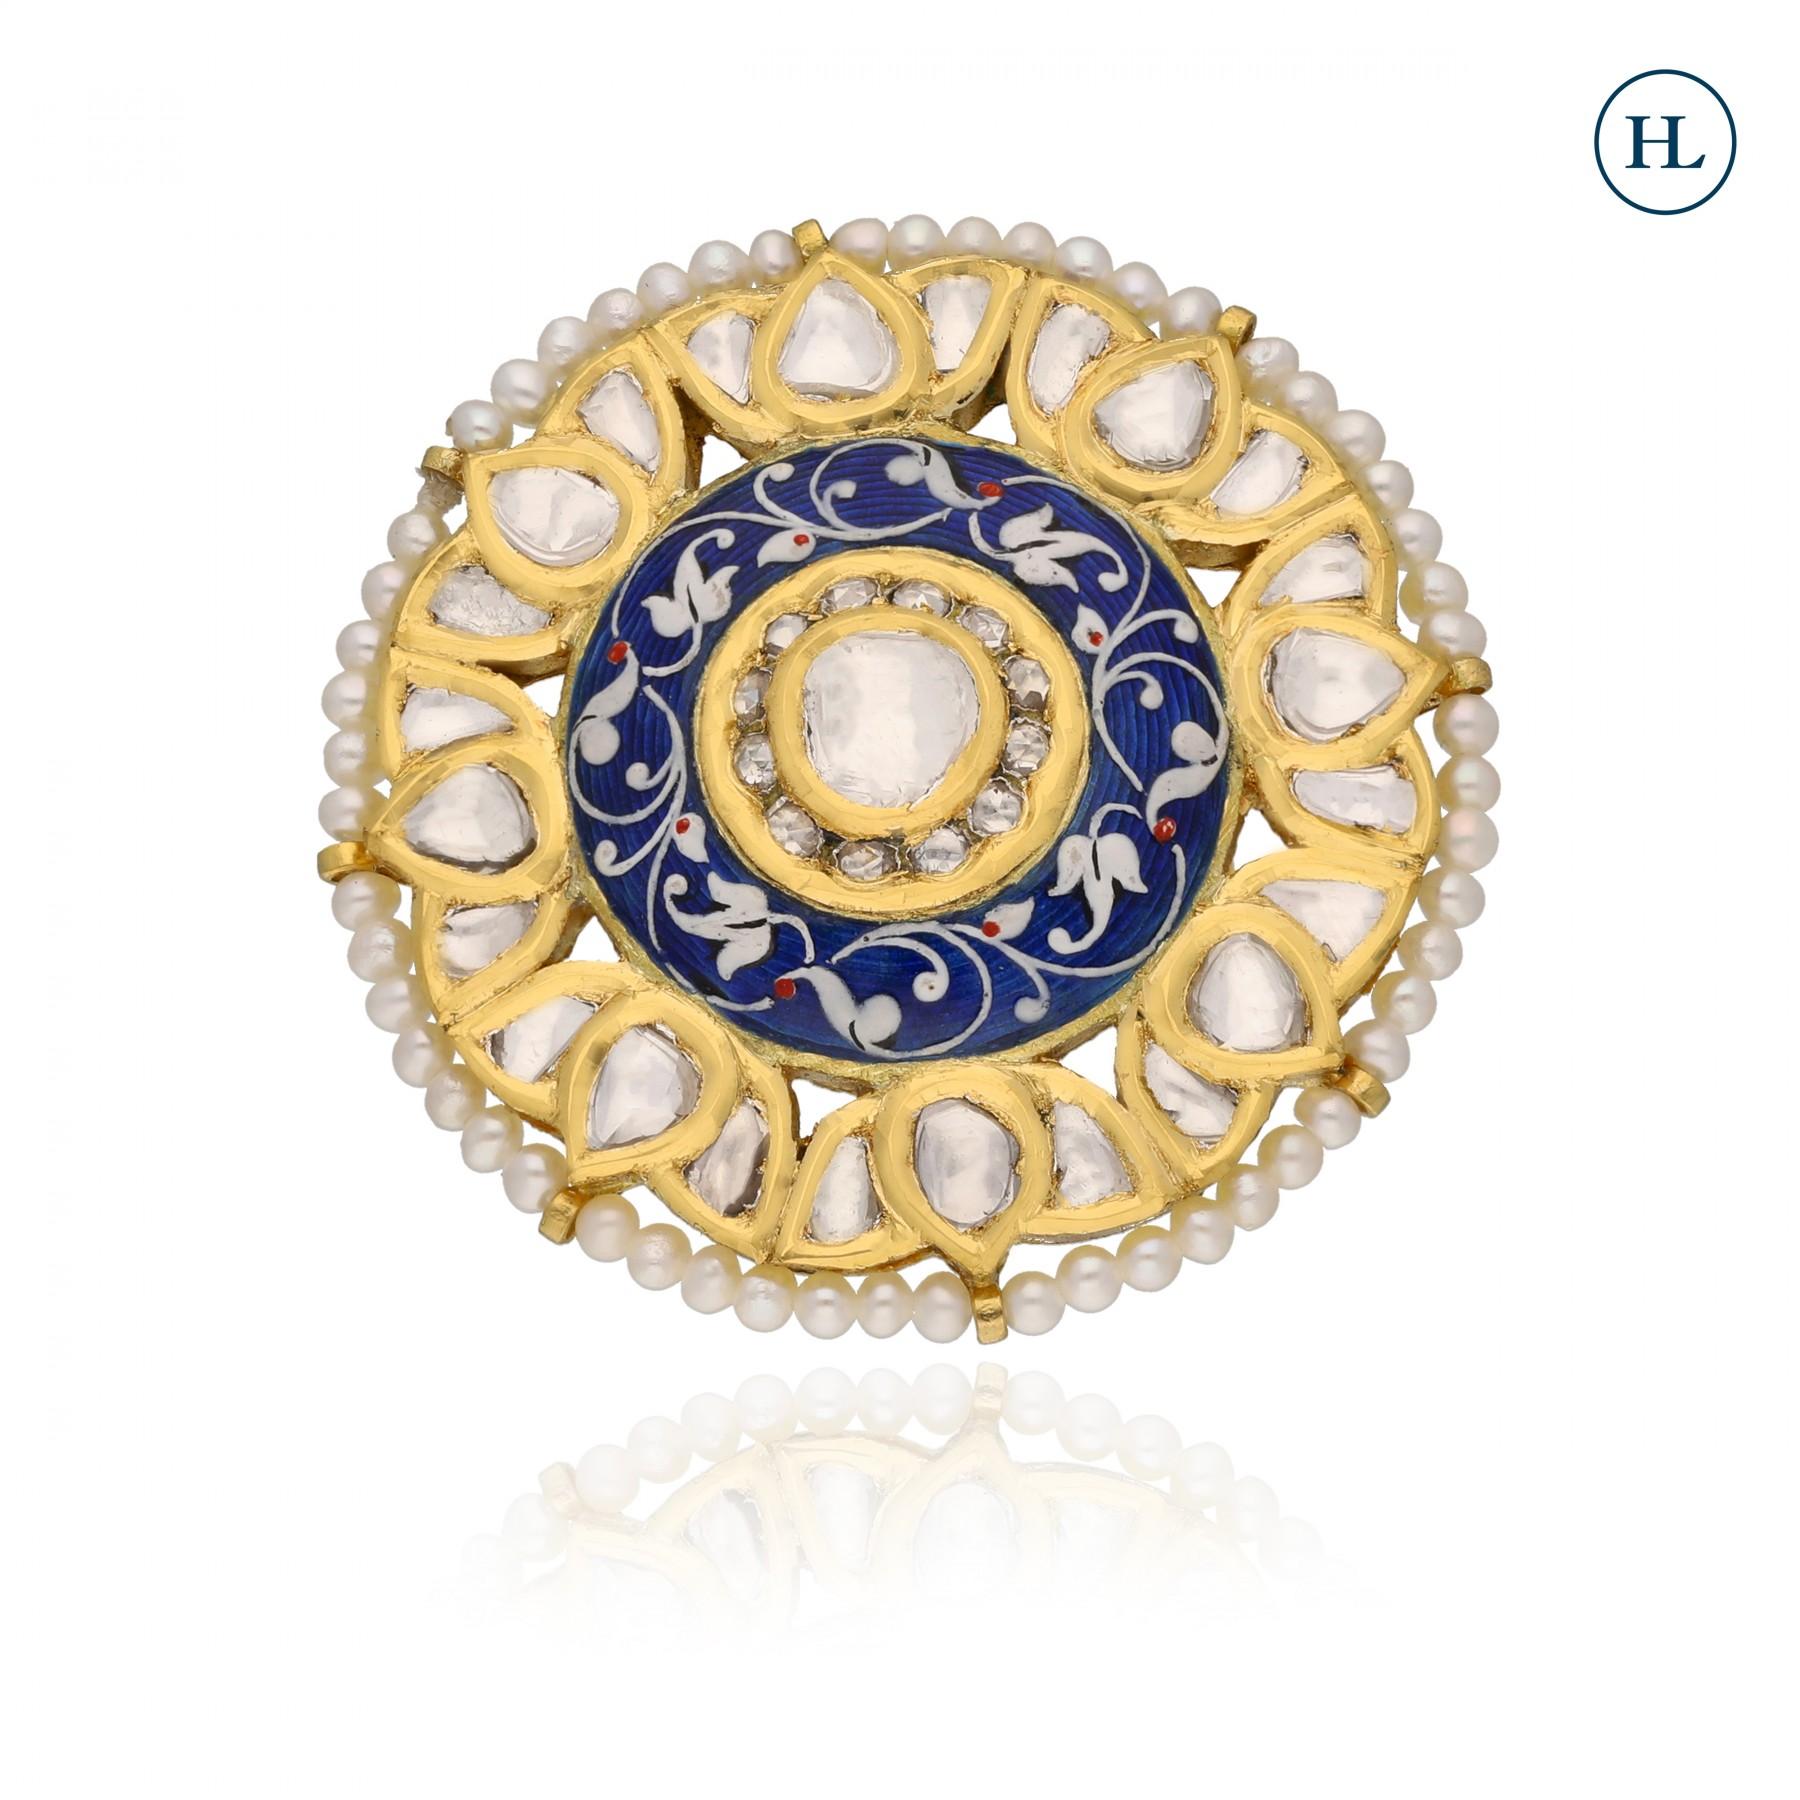 Polki & Pearl Ring